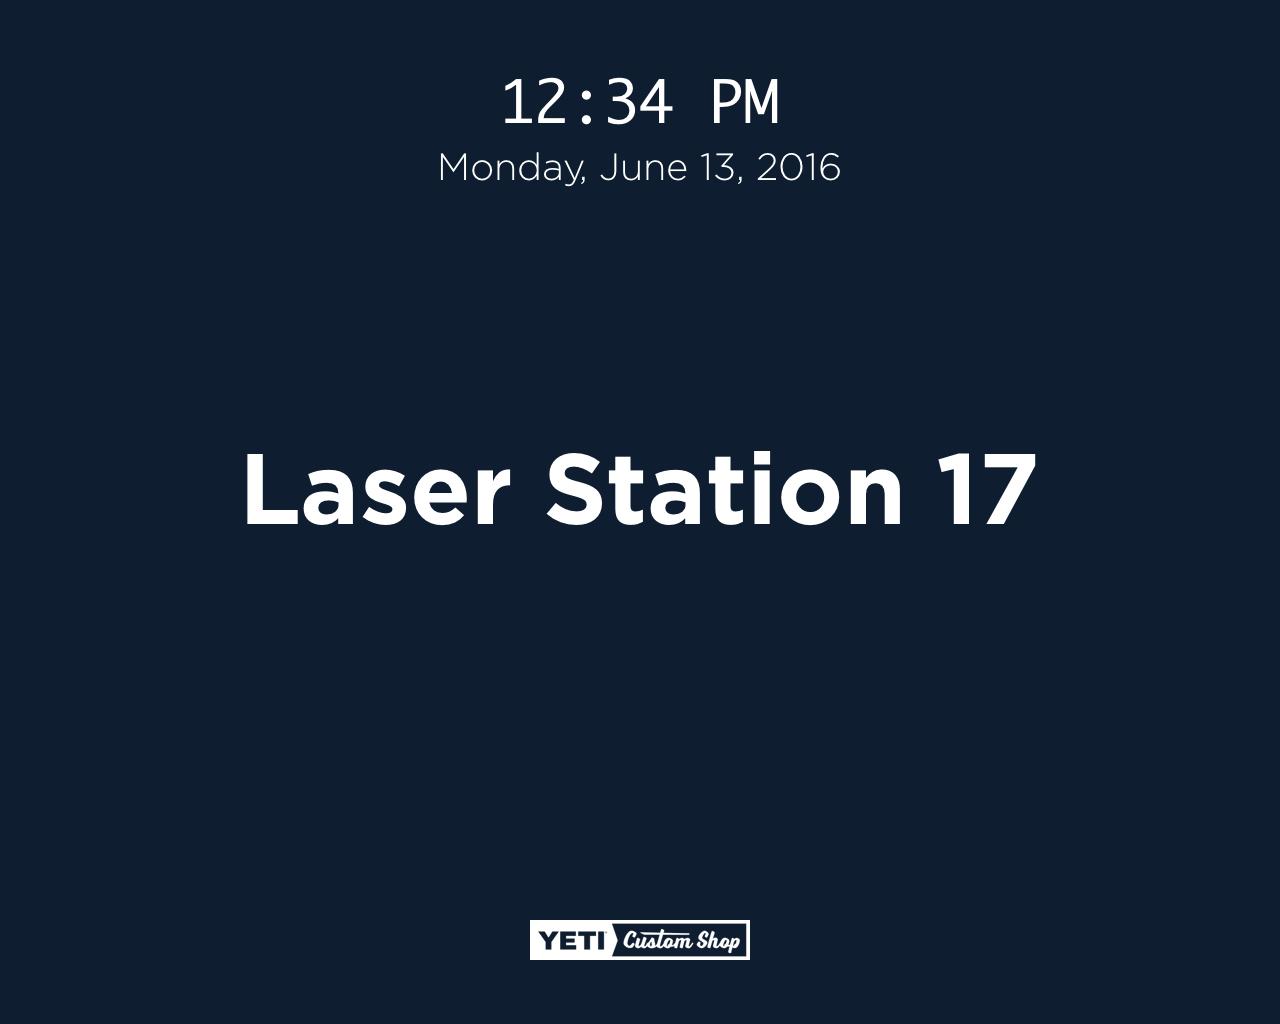 laser-station-idle.jpg